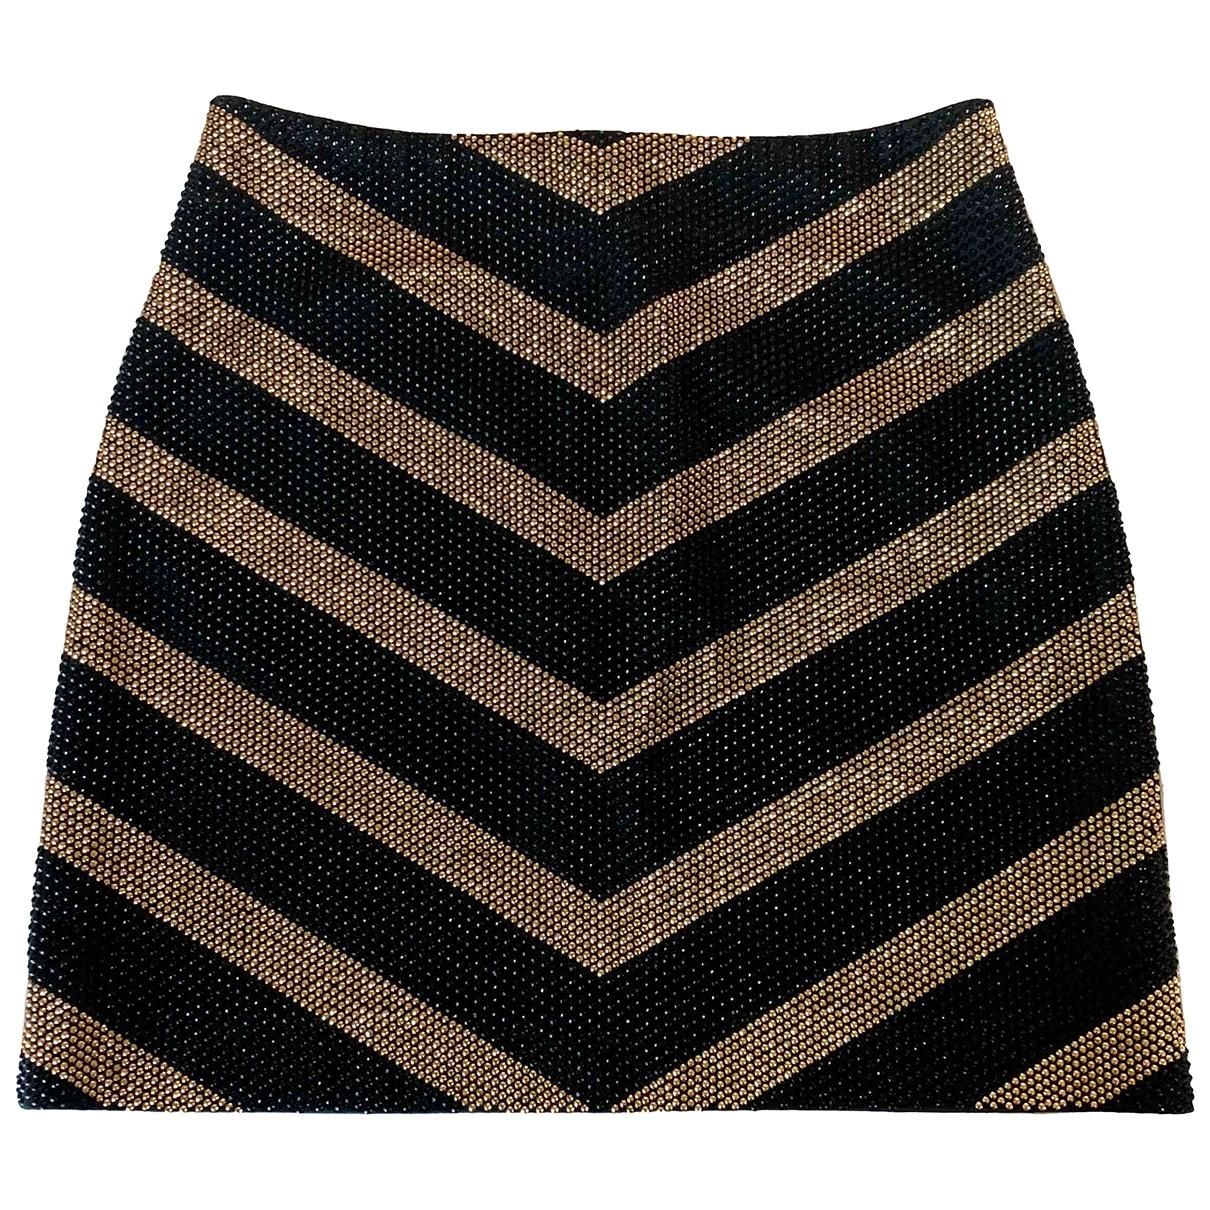 Balmain \N Black Cotton - elasthane skirt for Women 38 FR